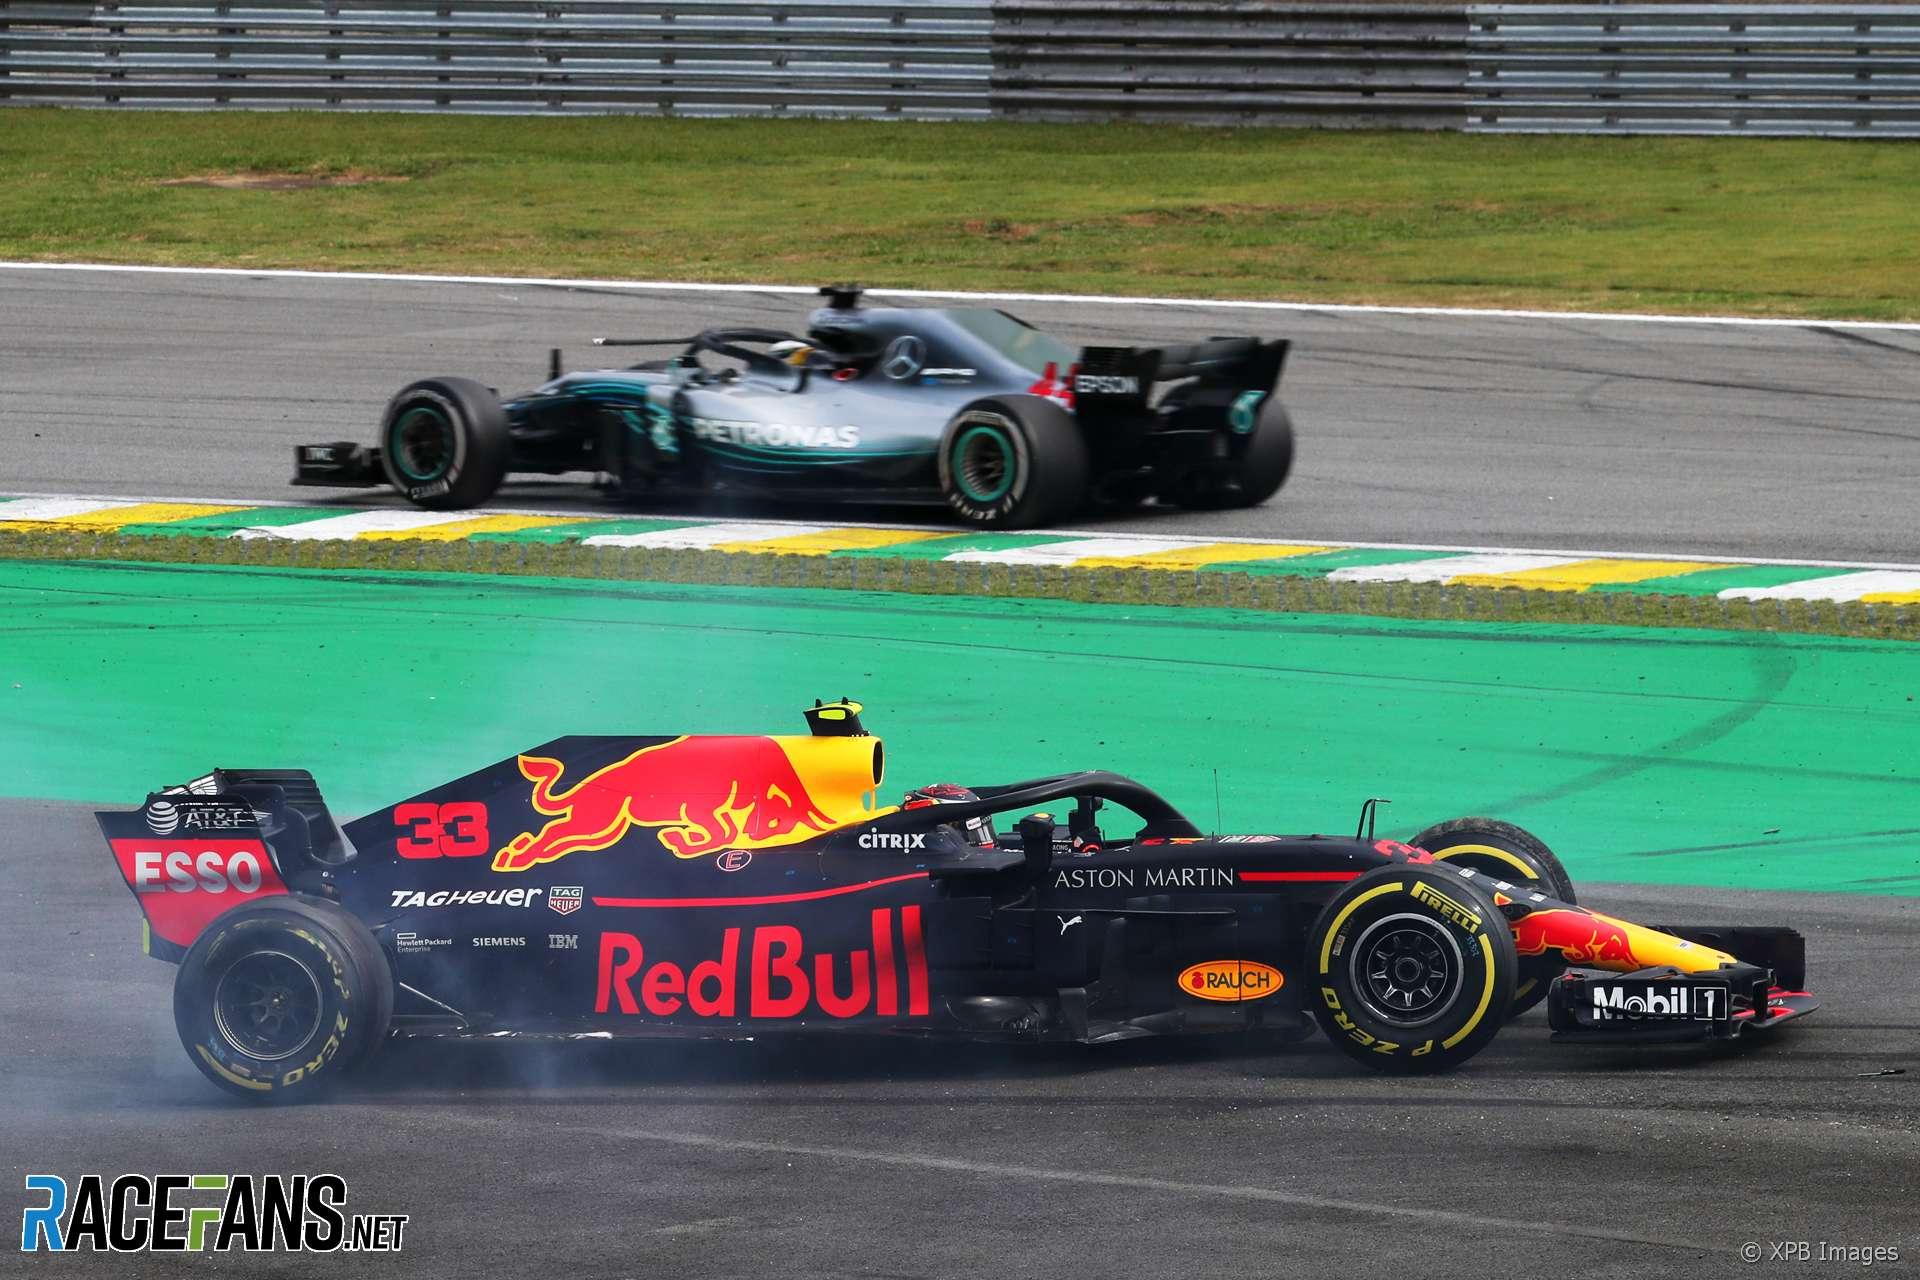 Max Verstappen, Lewis Hamilton, Interlagos, 2018